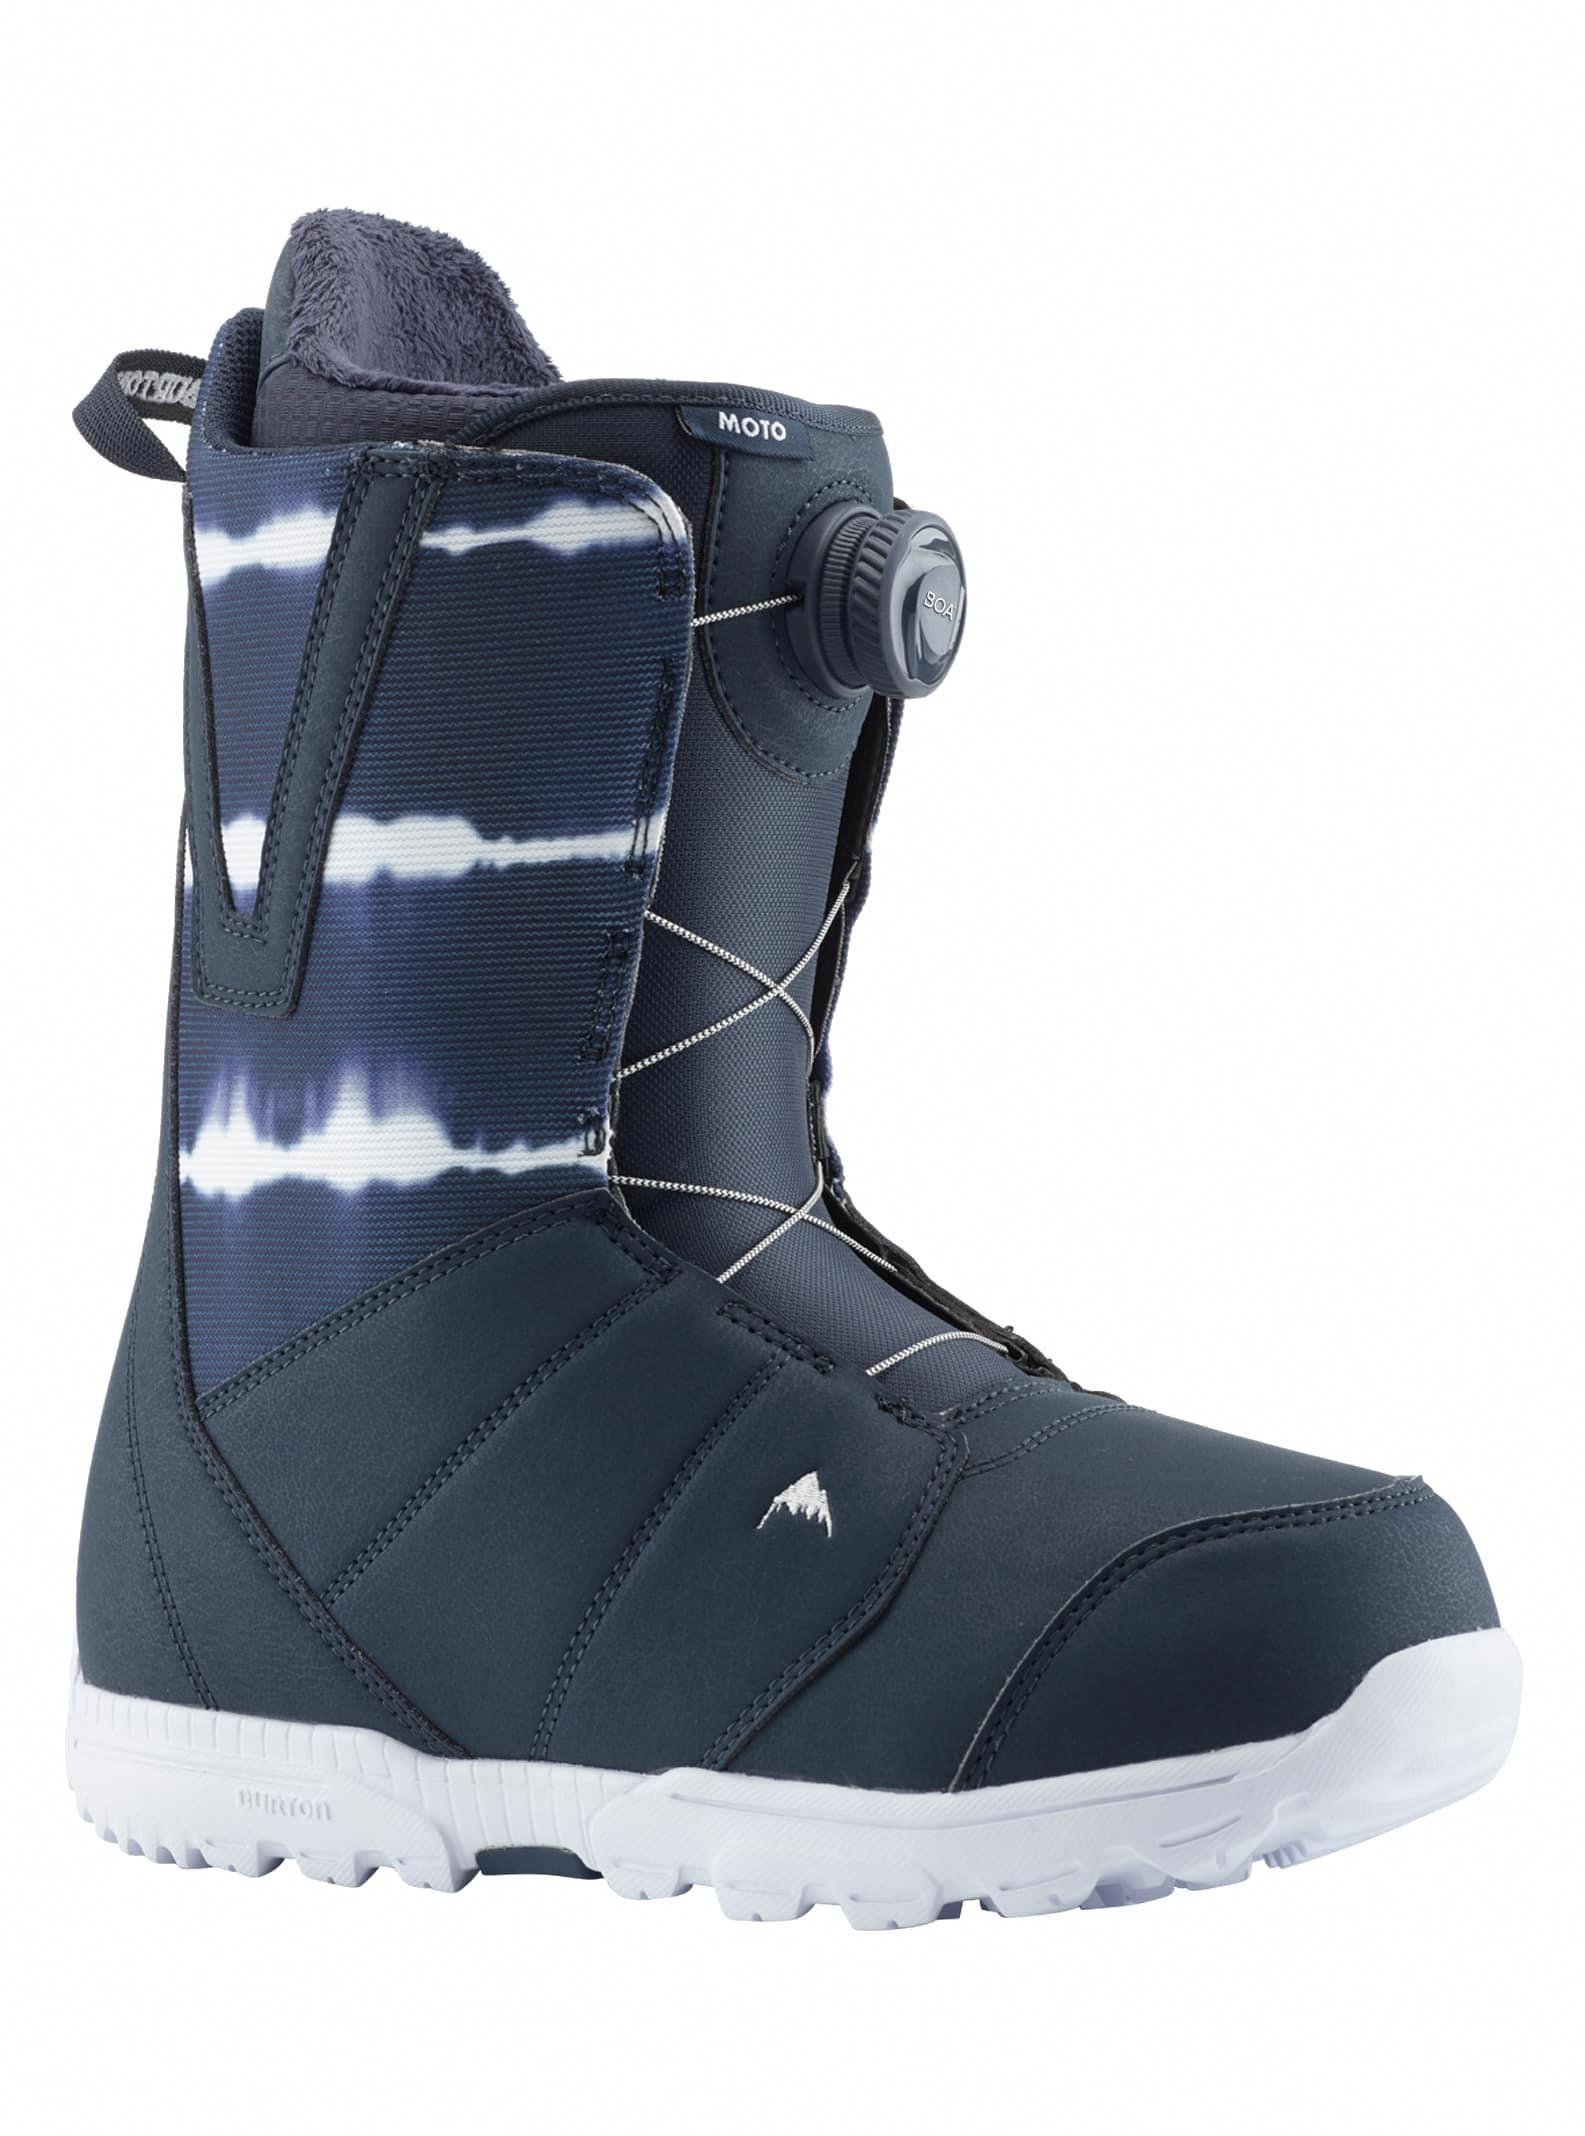 gatear comerciante inoxidable  Men's Burton Moto Boa® Snowboard Boot #snowboardboots